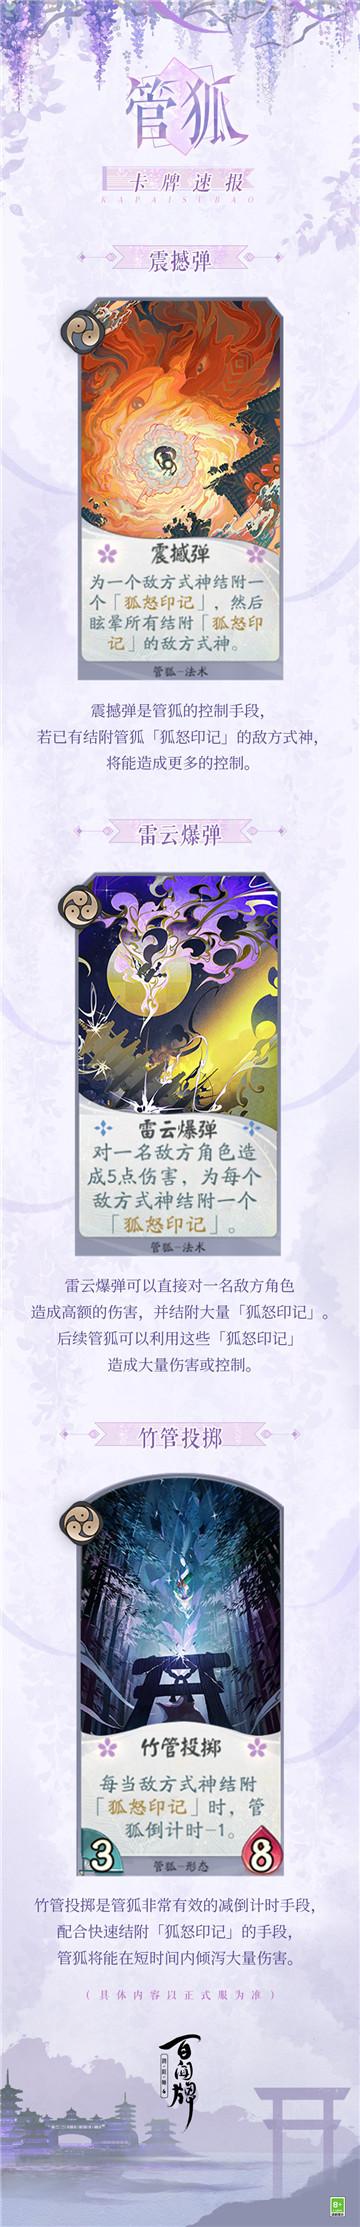 百闻牌《繁花入梦》新式神管狐曝光,卡牌情报抢先看!